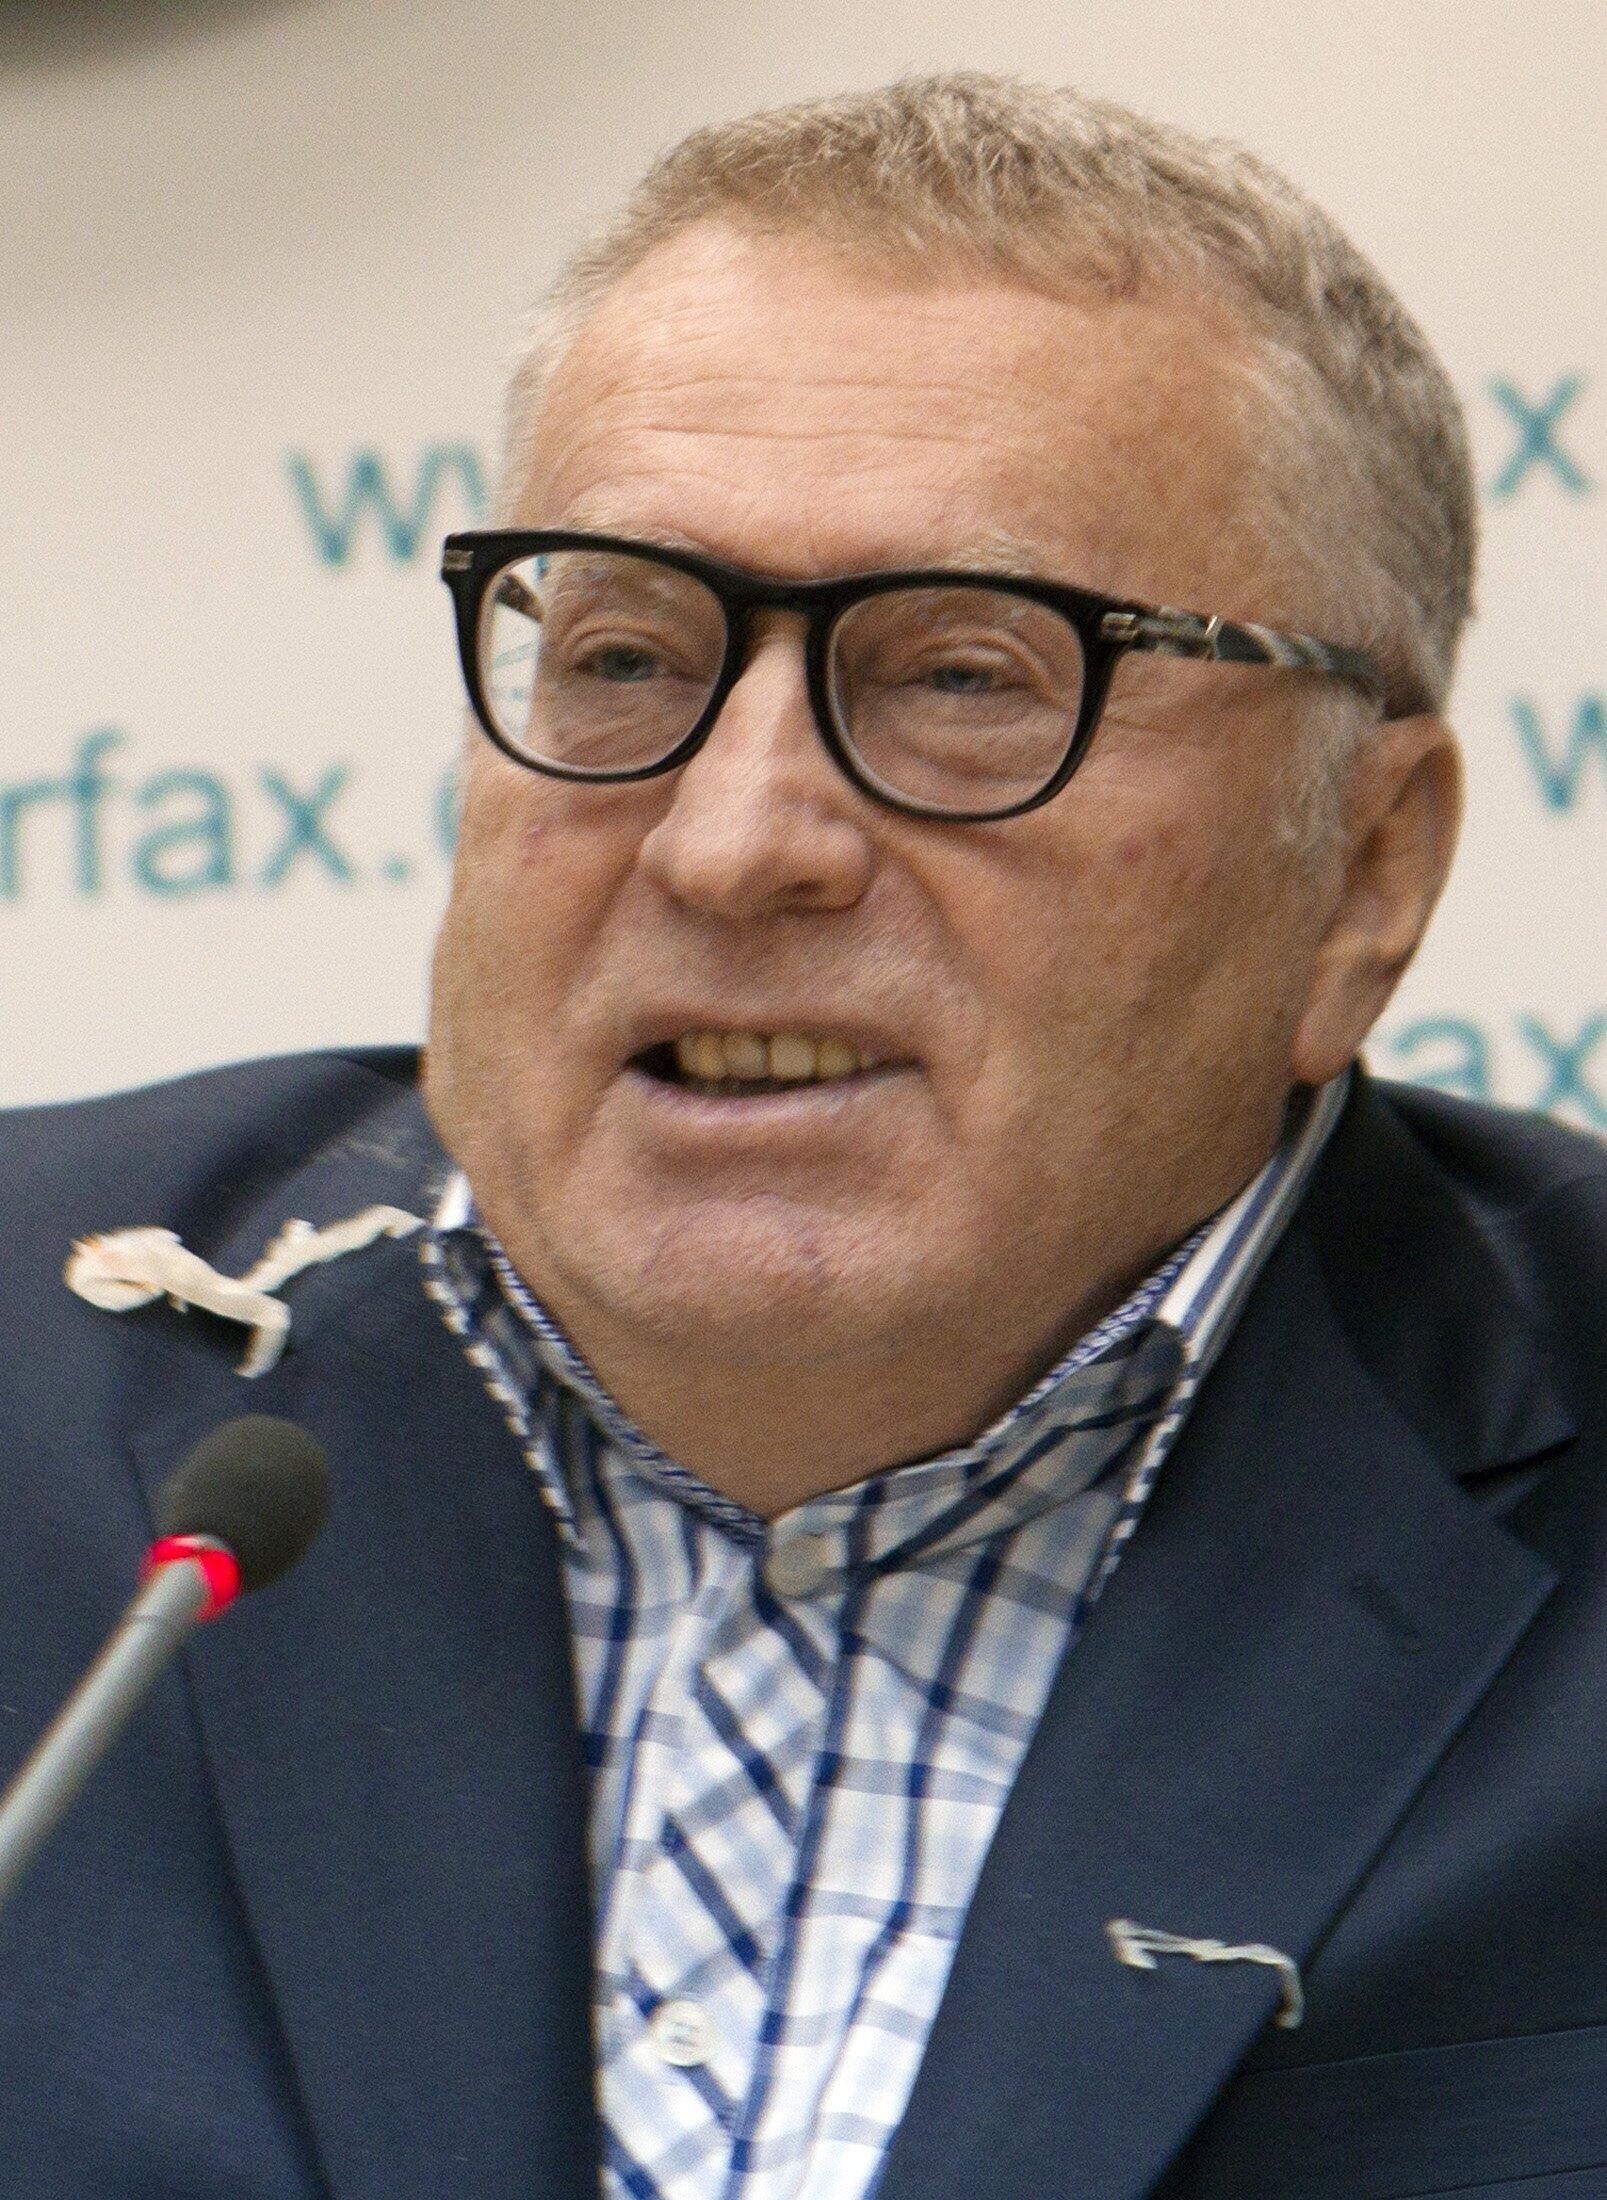 Лидер ЛДПР Владимир Жириновский на пресс-конференции в Киеве 28/01/2013